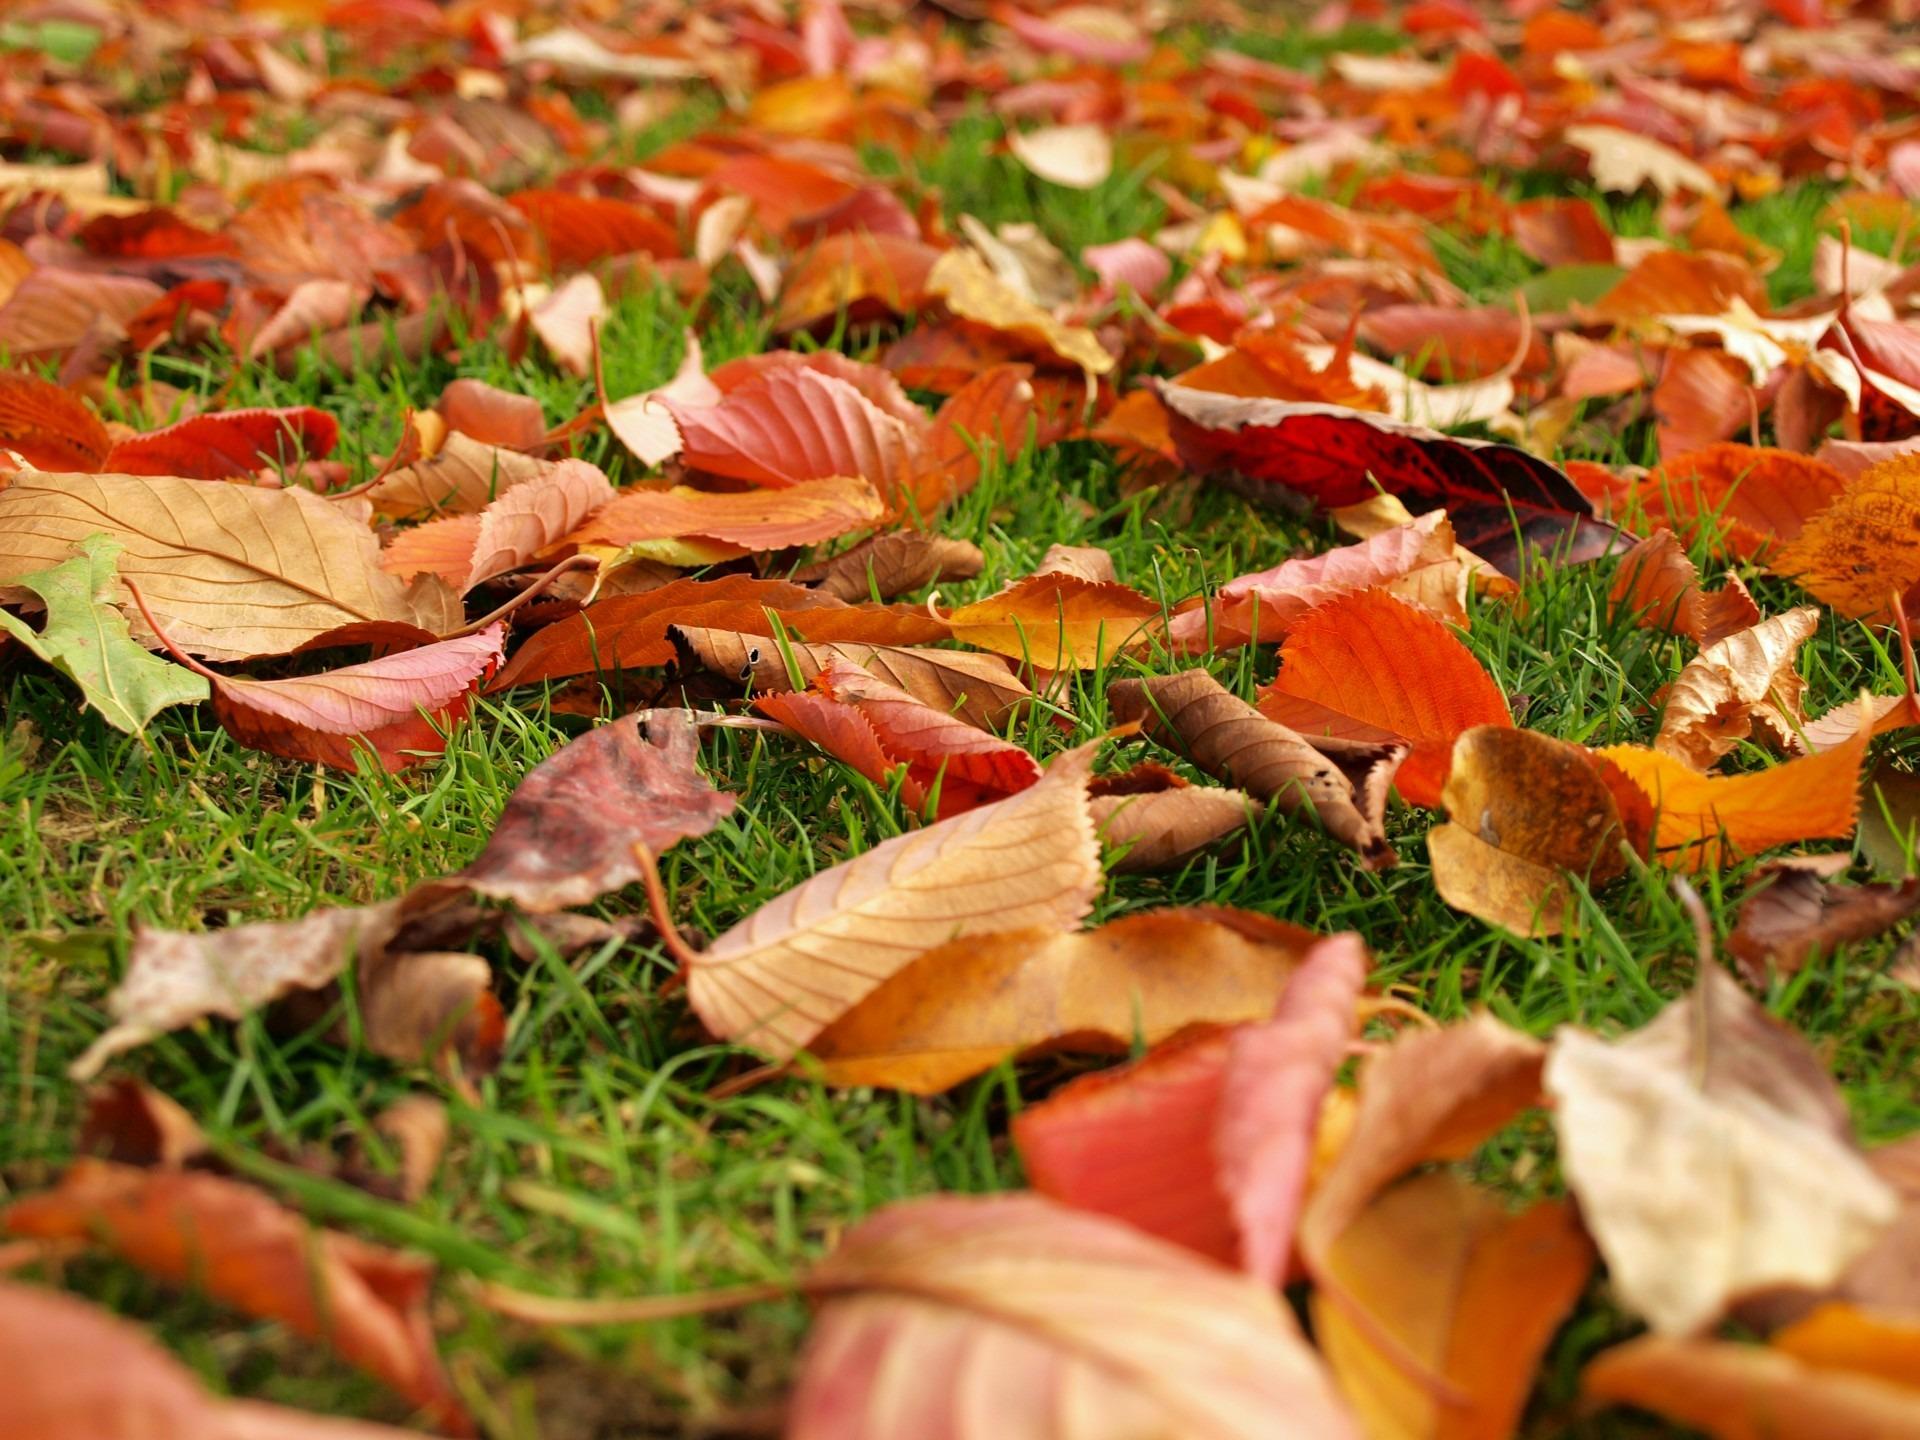 недуга картинки земля покрытая осенними листьями этой целью рубин